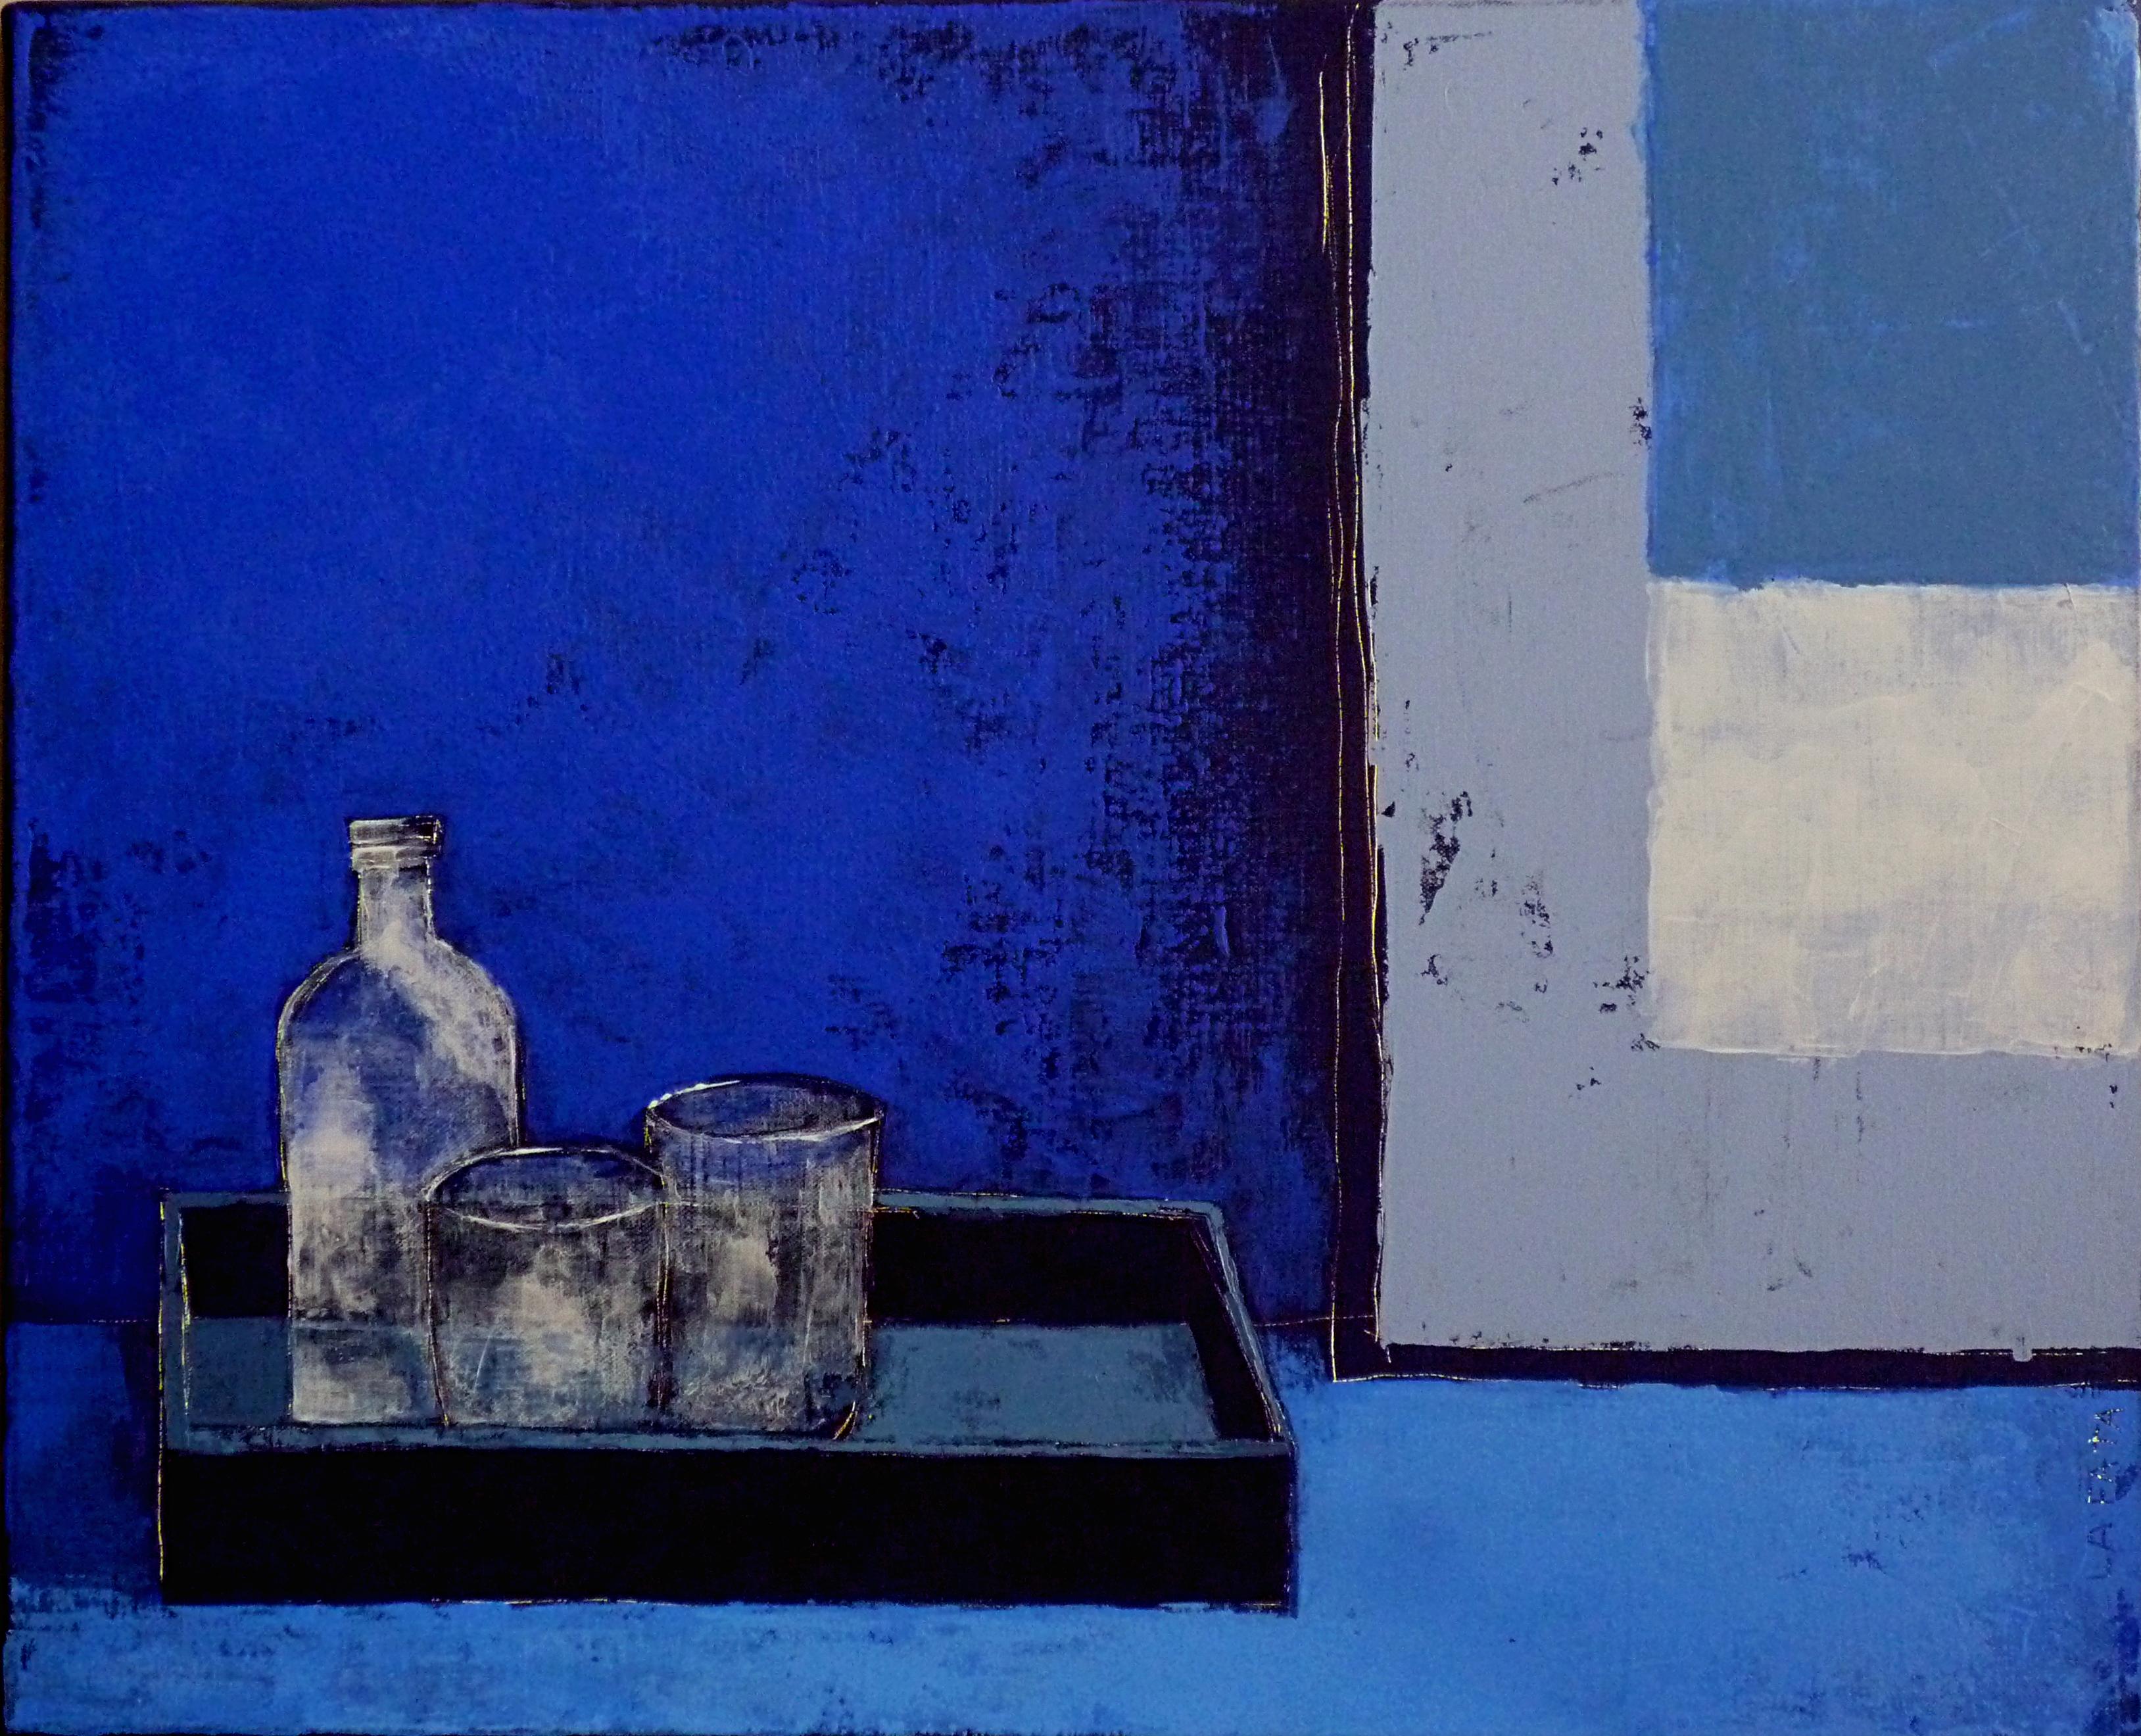 Still life / Blue